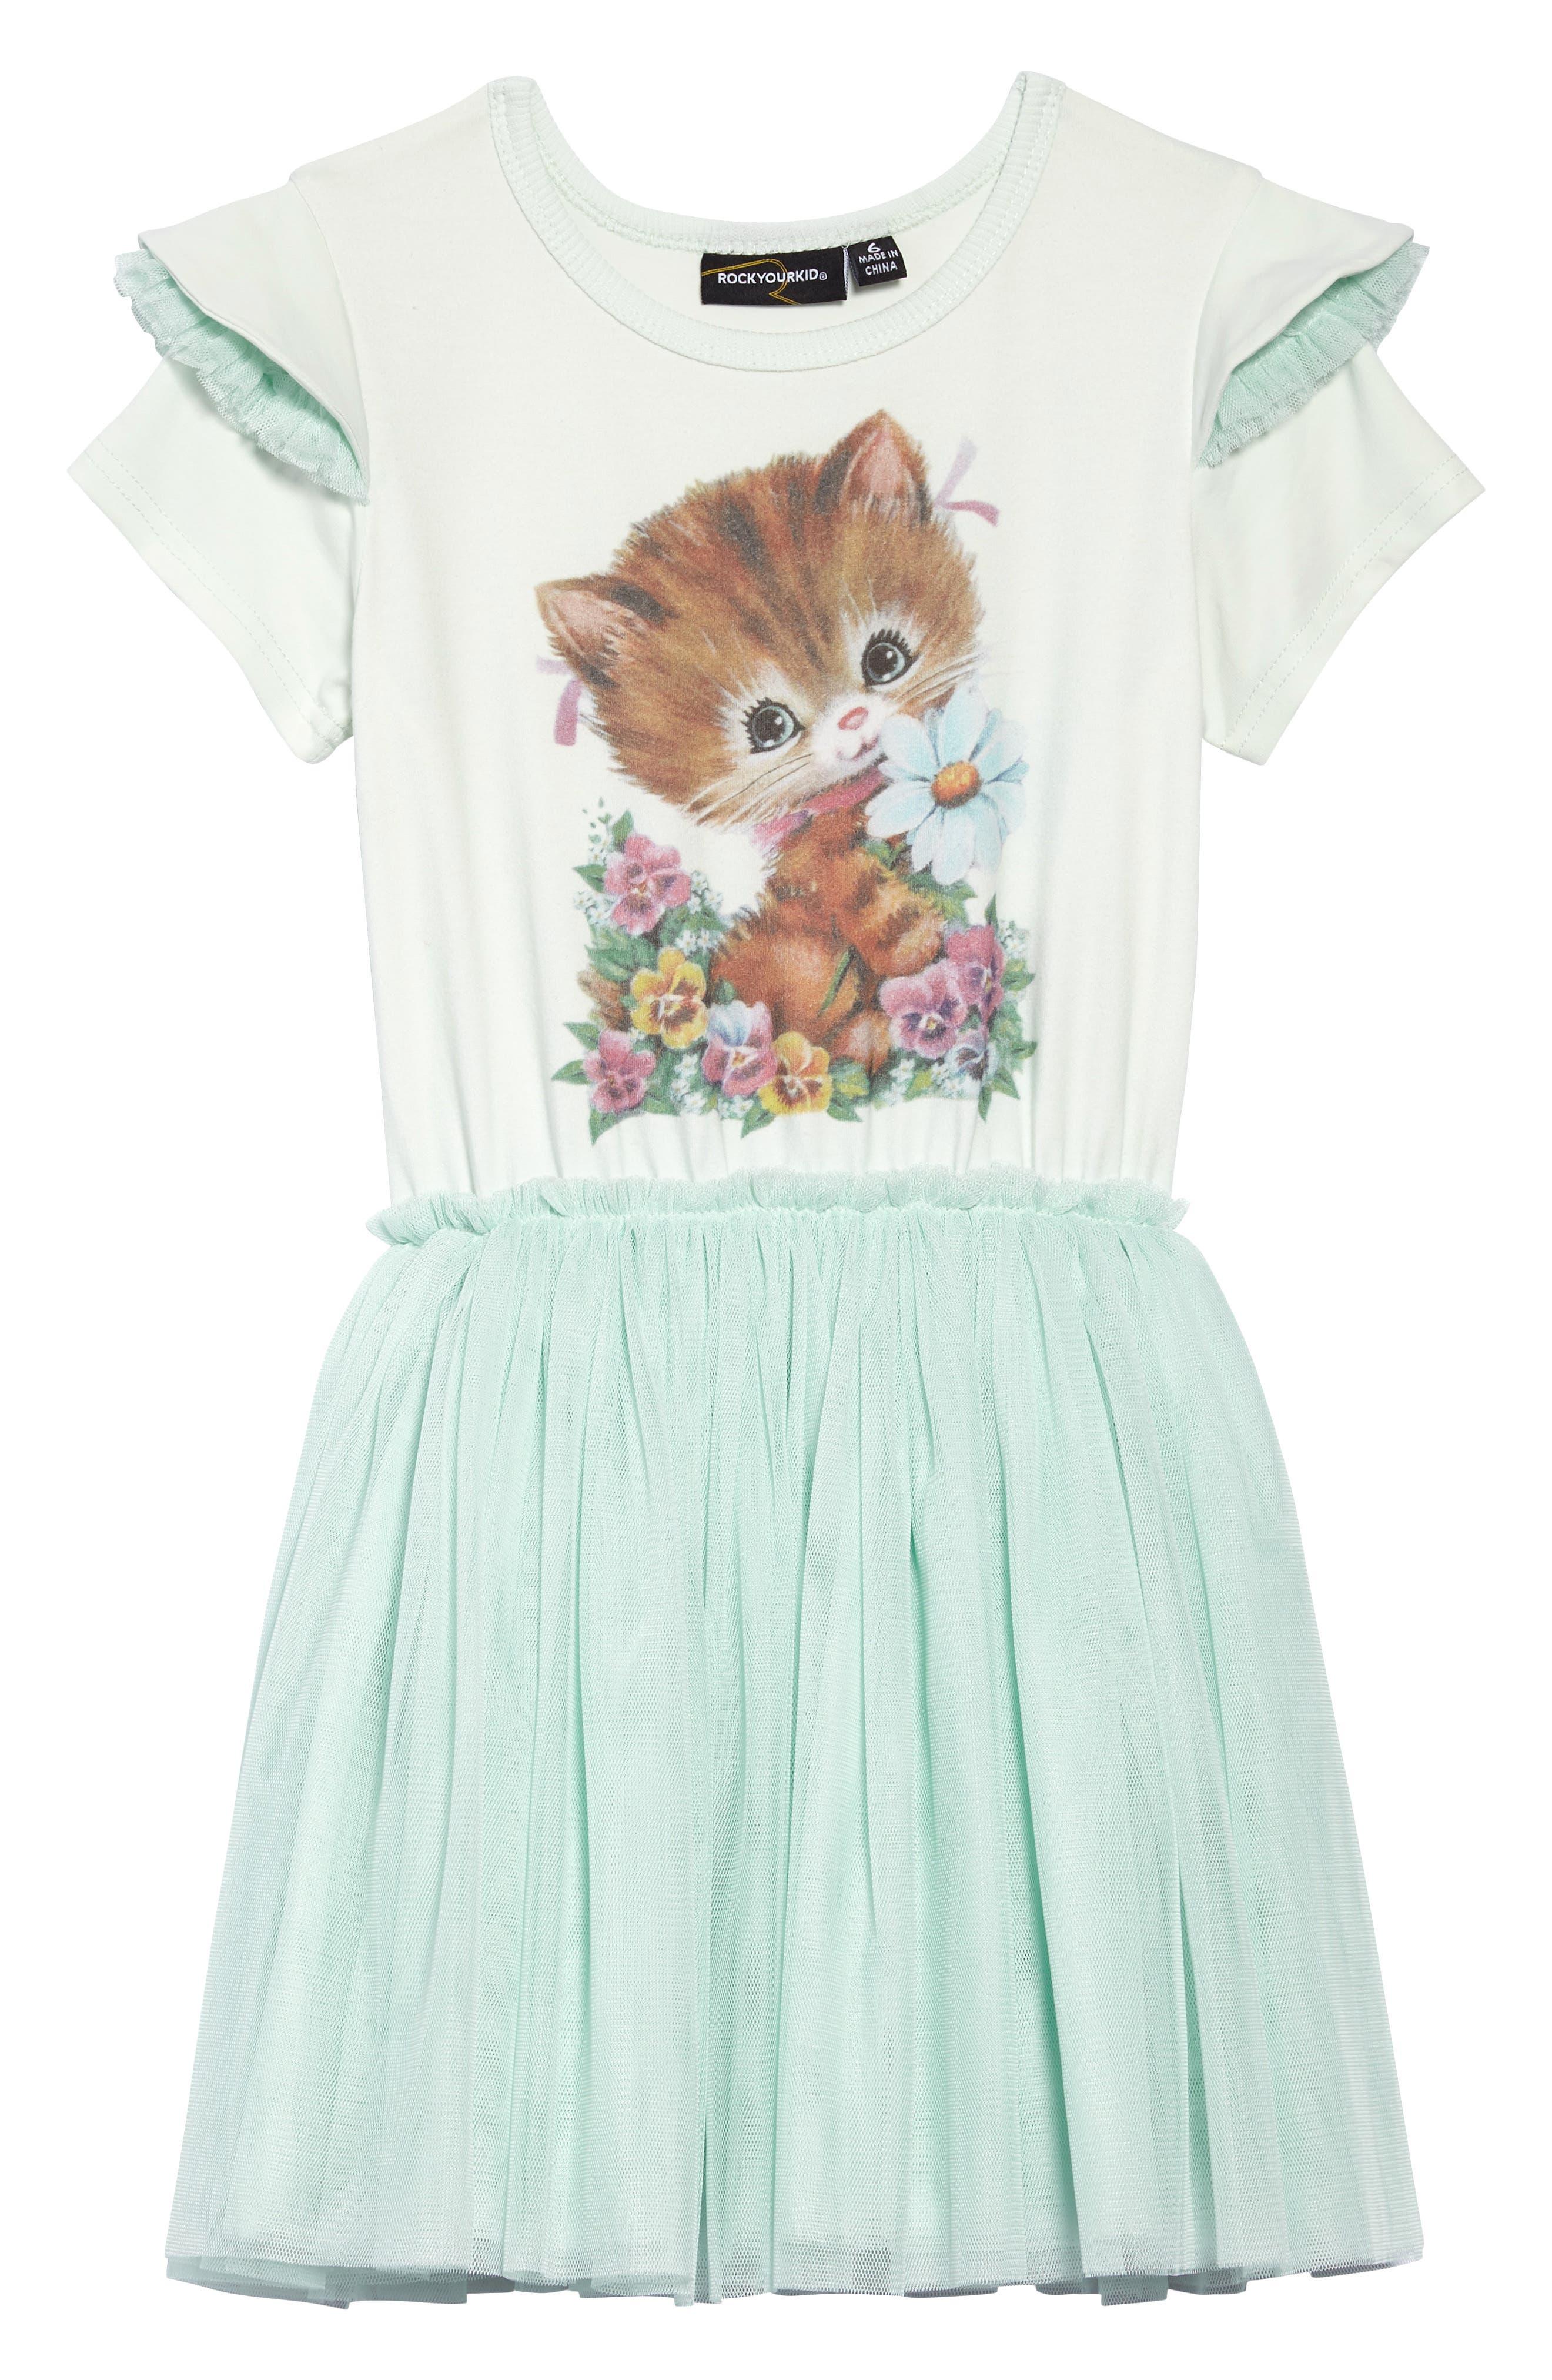 Kitty Kat Circus Dress,                         Main,                         color, Teal